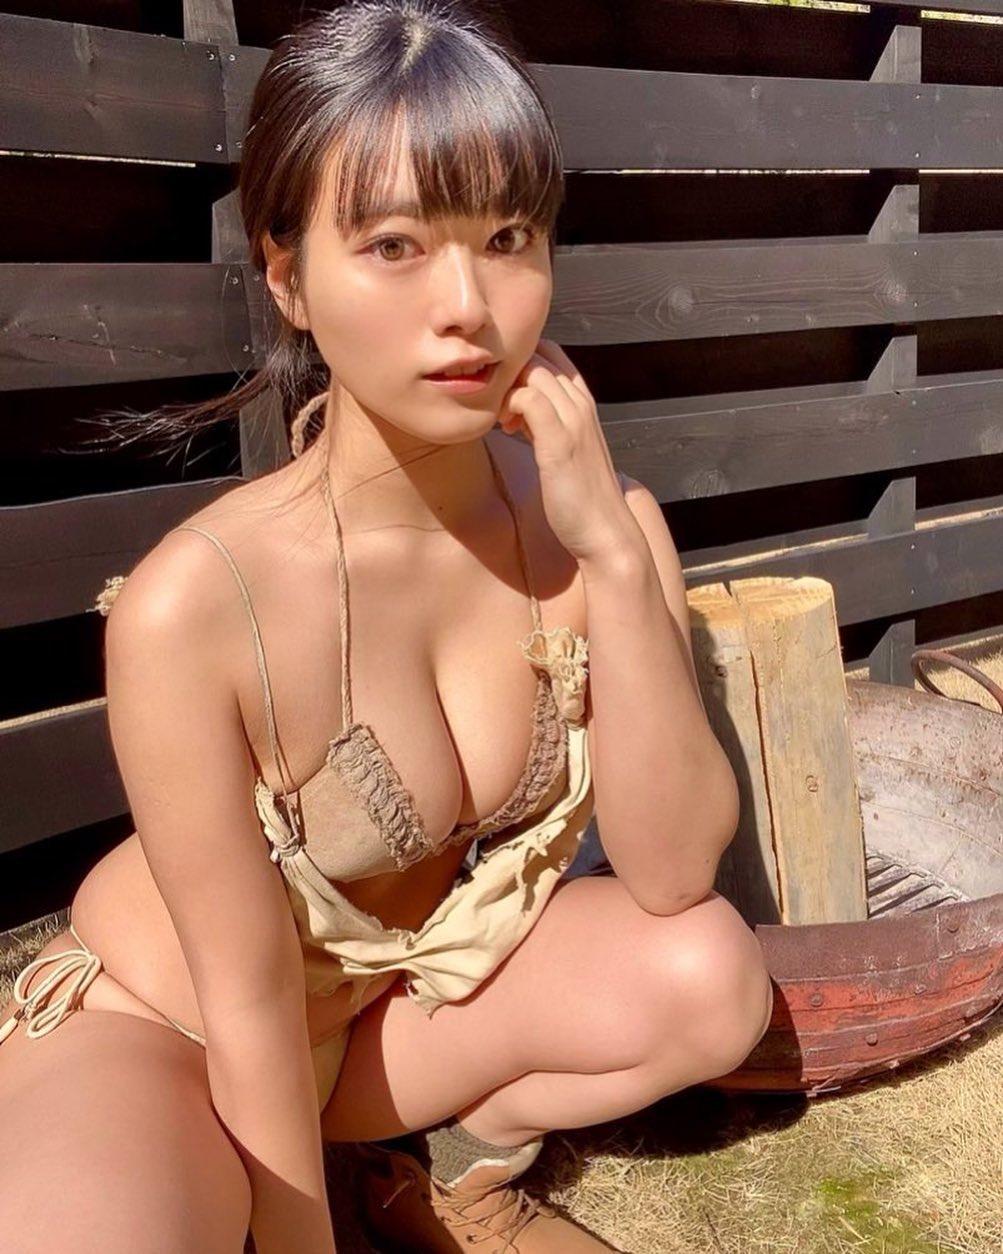 「ヤンマガ さんオフショットです♡」セクシービキニショットでファンを魅了【東雲うみさん/2021年4月9日】